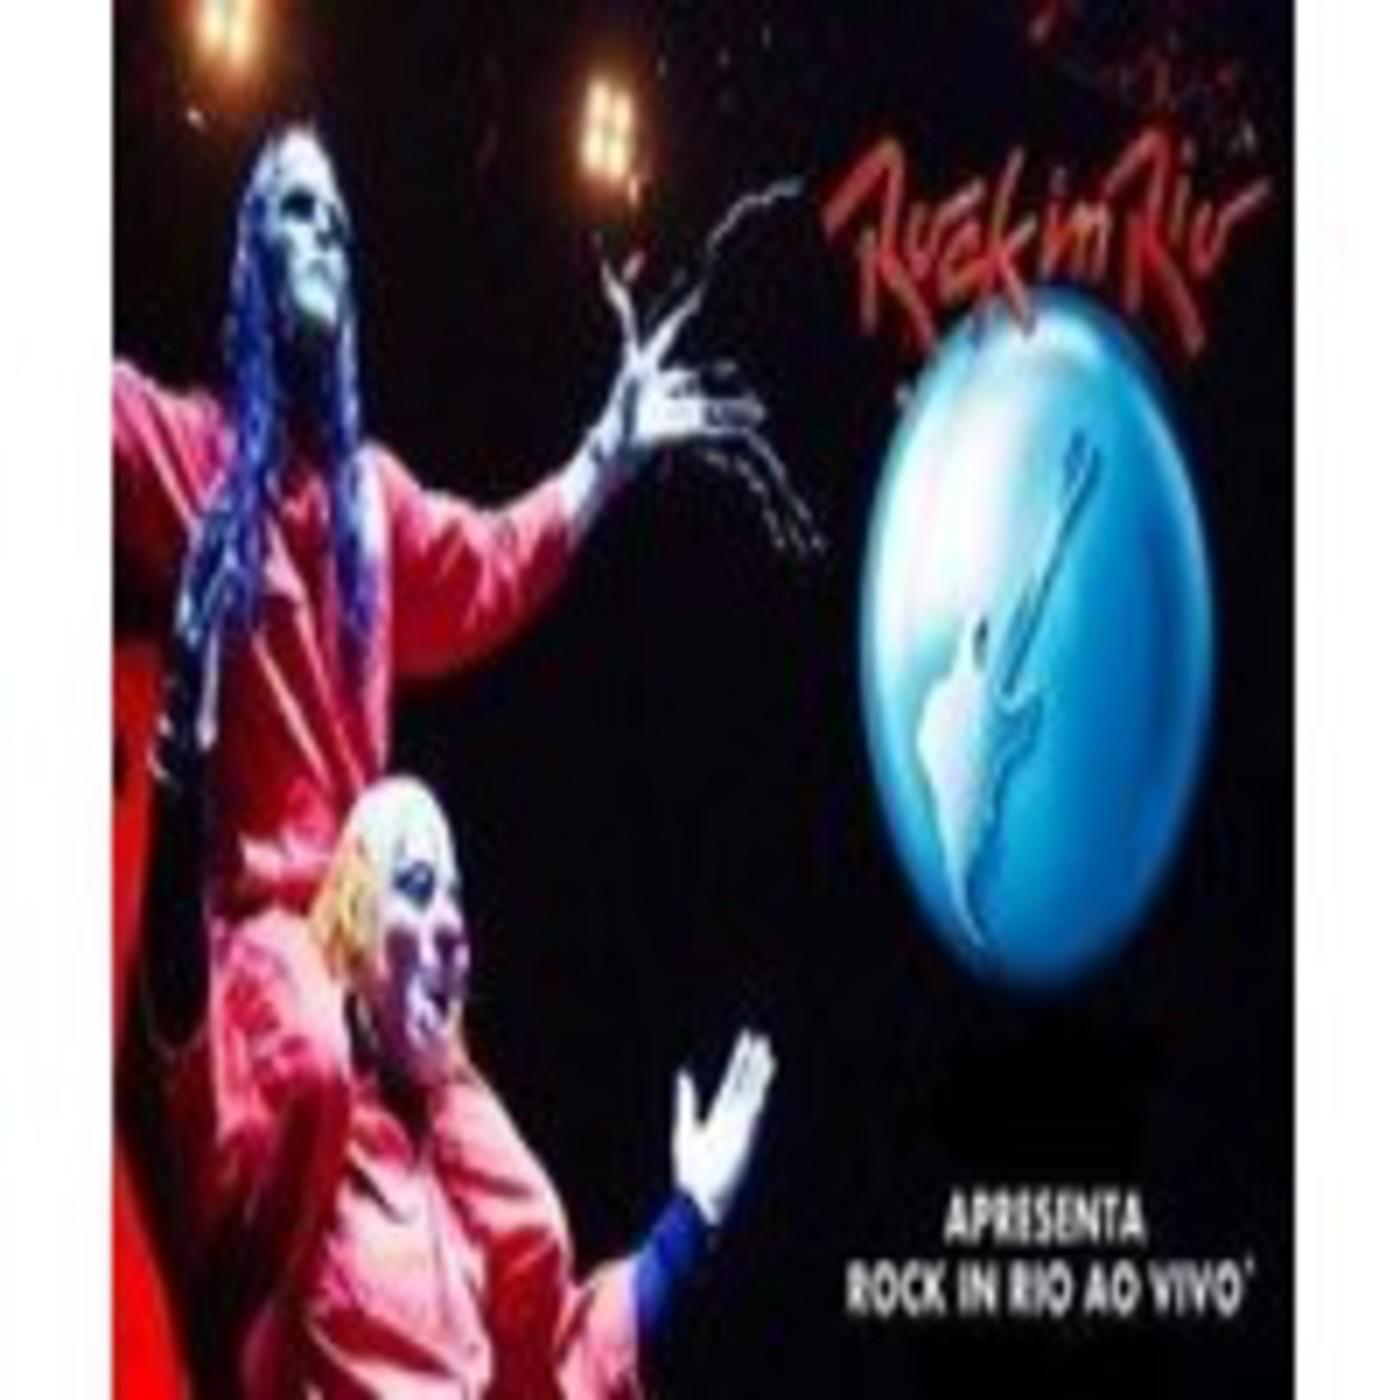 In CONCERT - Slipknot Live Rock In Rio - 2011